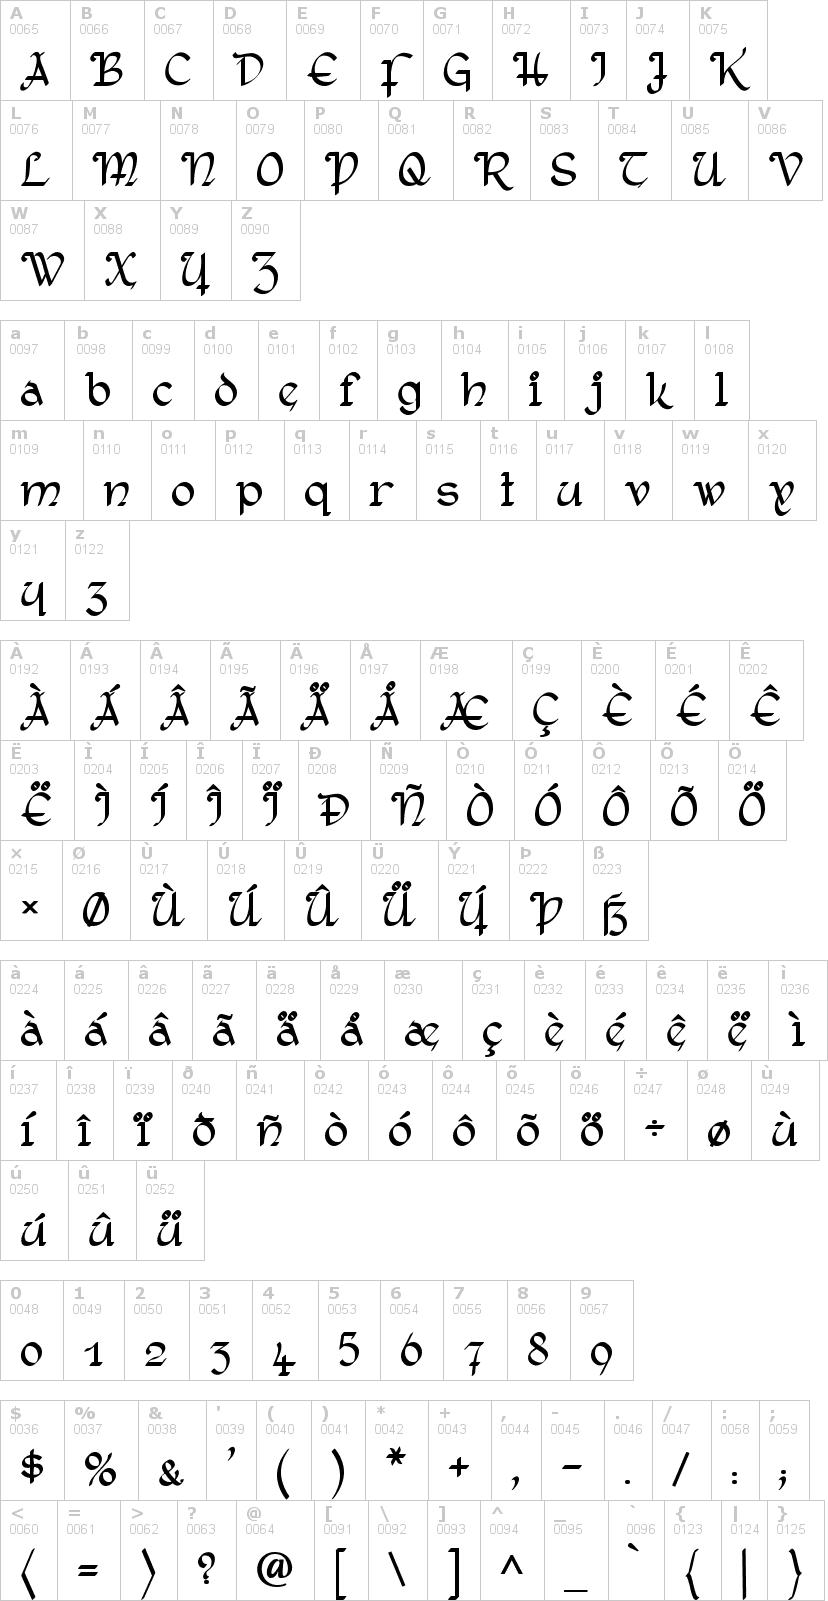 Lettere dell'alfabeto del font rostock-kaligraph con le quali è possibile realizzare adesivi prespaziati